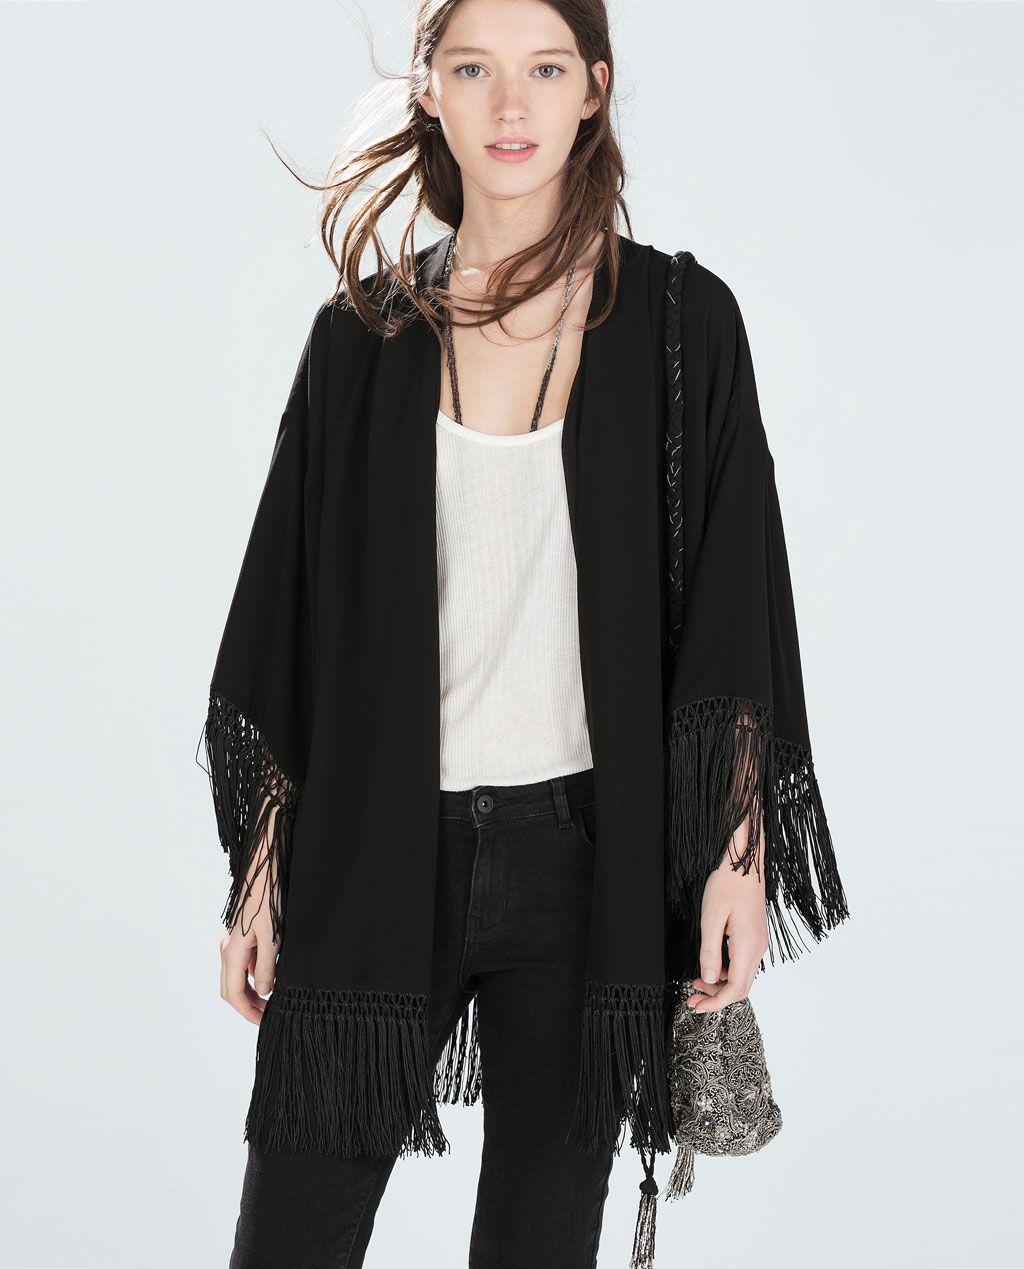 Chaqueta kimono Zara mujer | eBay